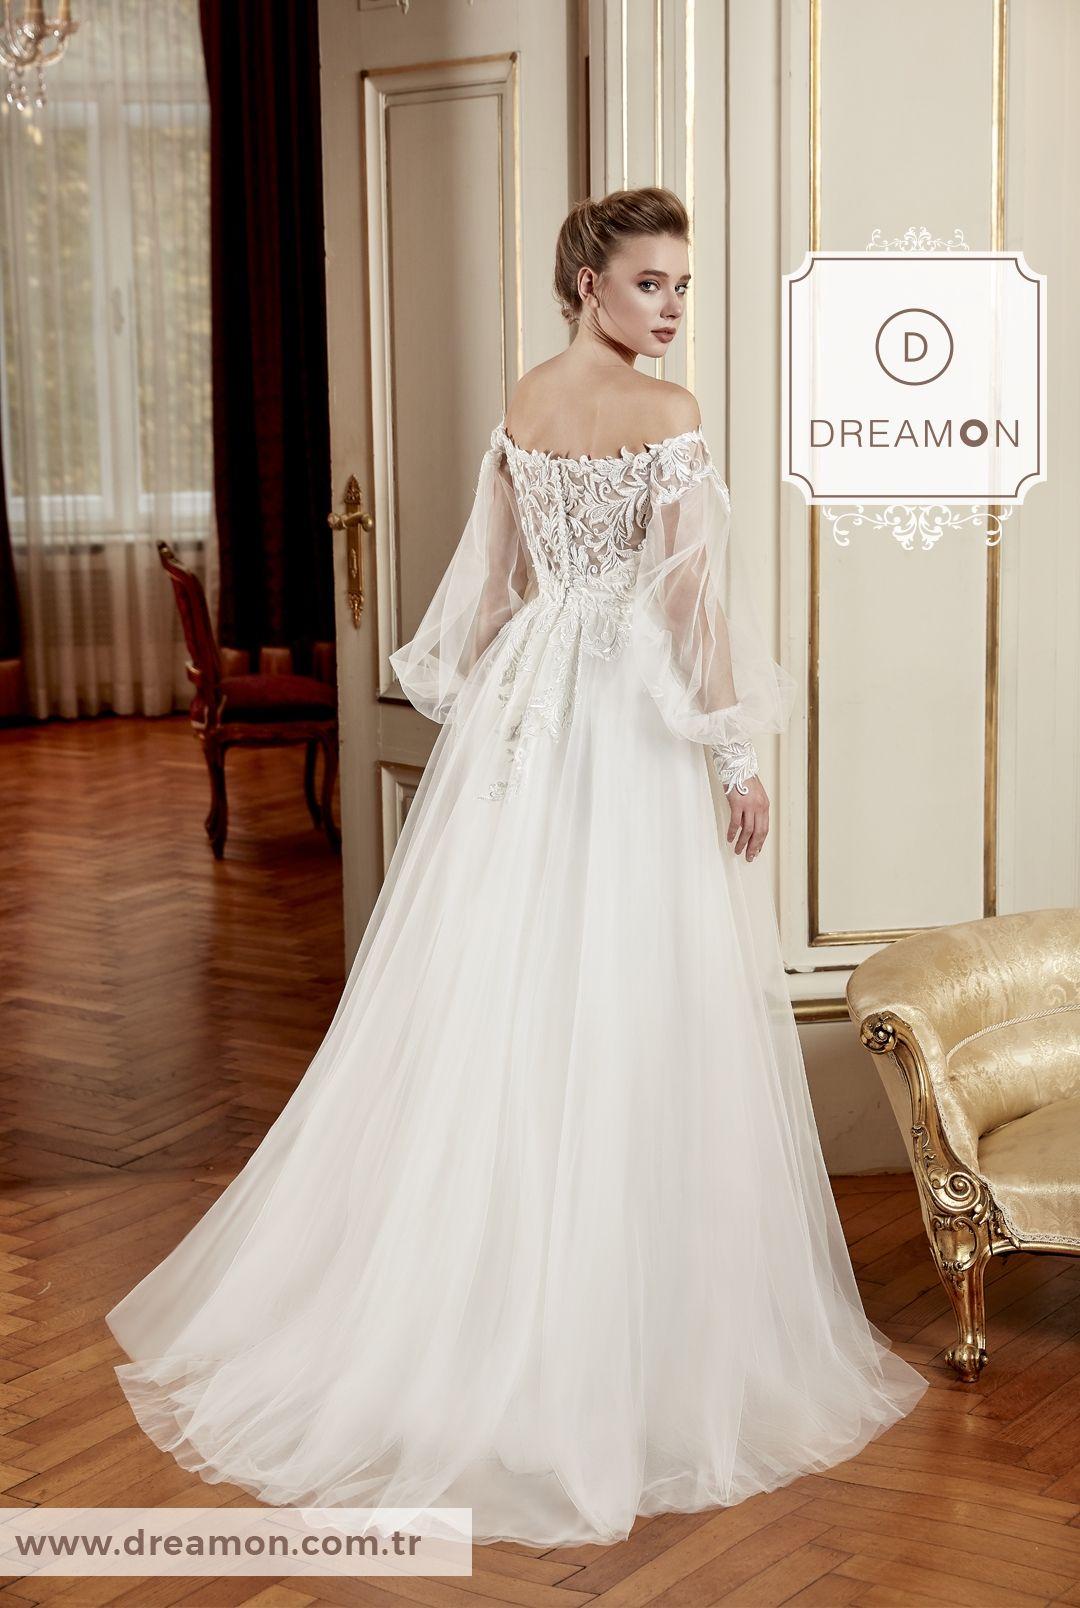 Jacopo Balon Kollu Gogus Dekolteli Helen Gelinlik Modeli Dreamon Com Tr Dantel Gelinlik Gelinlik Cicekli Kiz Elbiseleri